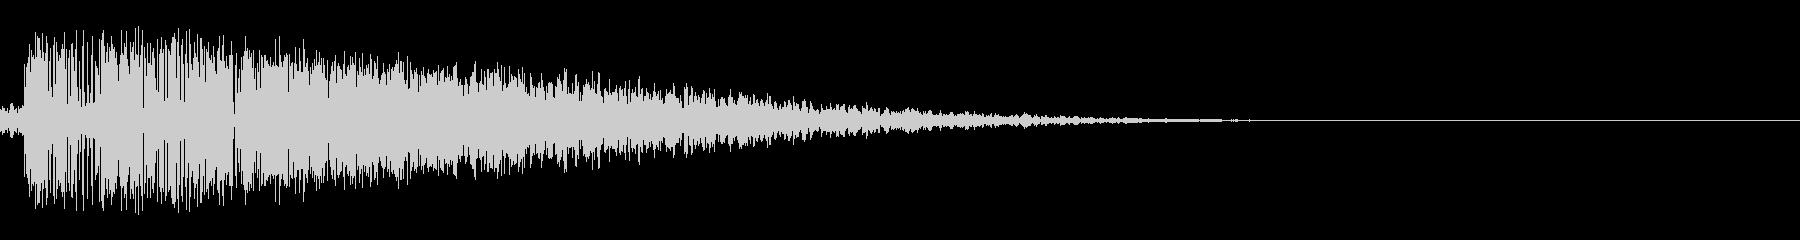 キーン(刀/剣/決定音/アプリ)の未再生の波形